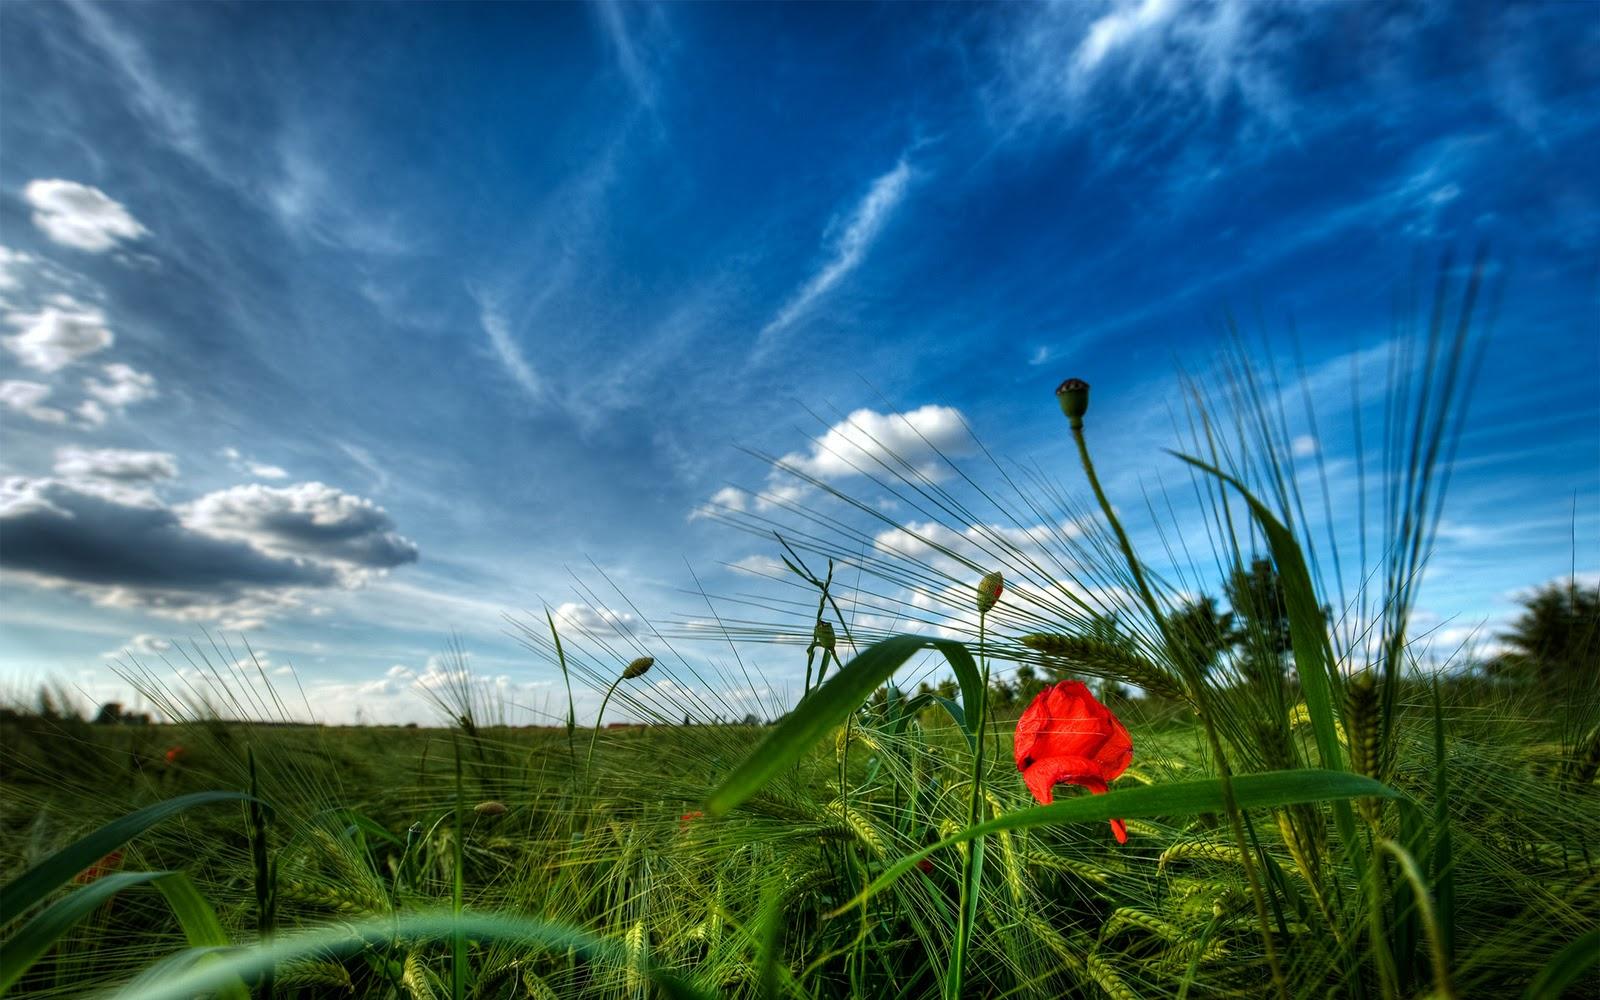 http://2.bp.blogspot.com/-3OofKKir75w/TzLKKAB645I/AAAAAAAAAKQ/2TEPDan-yYo/s1600/Flower+Field+Nature+HD+Wallpaper+-+FreeHDWall.Blogspot.Com.jpg